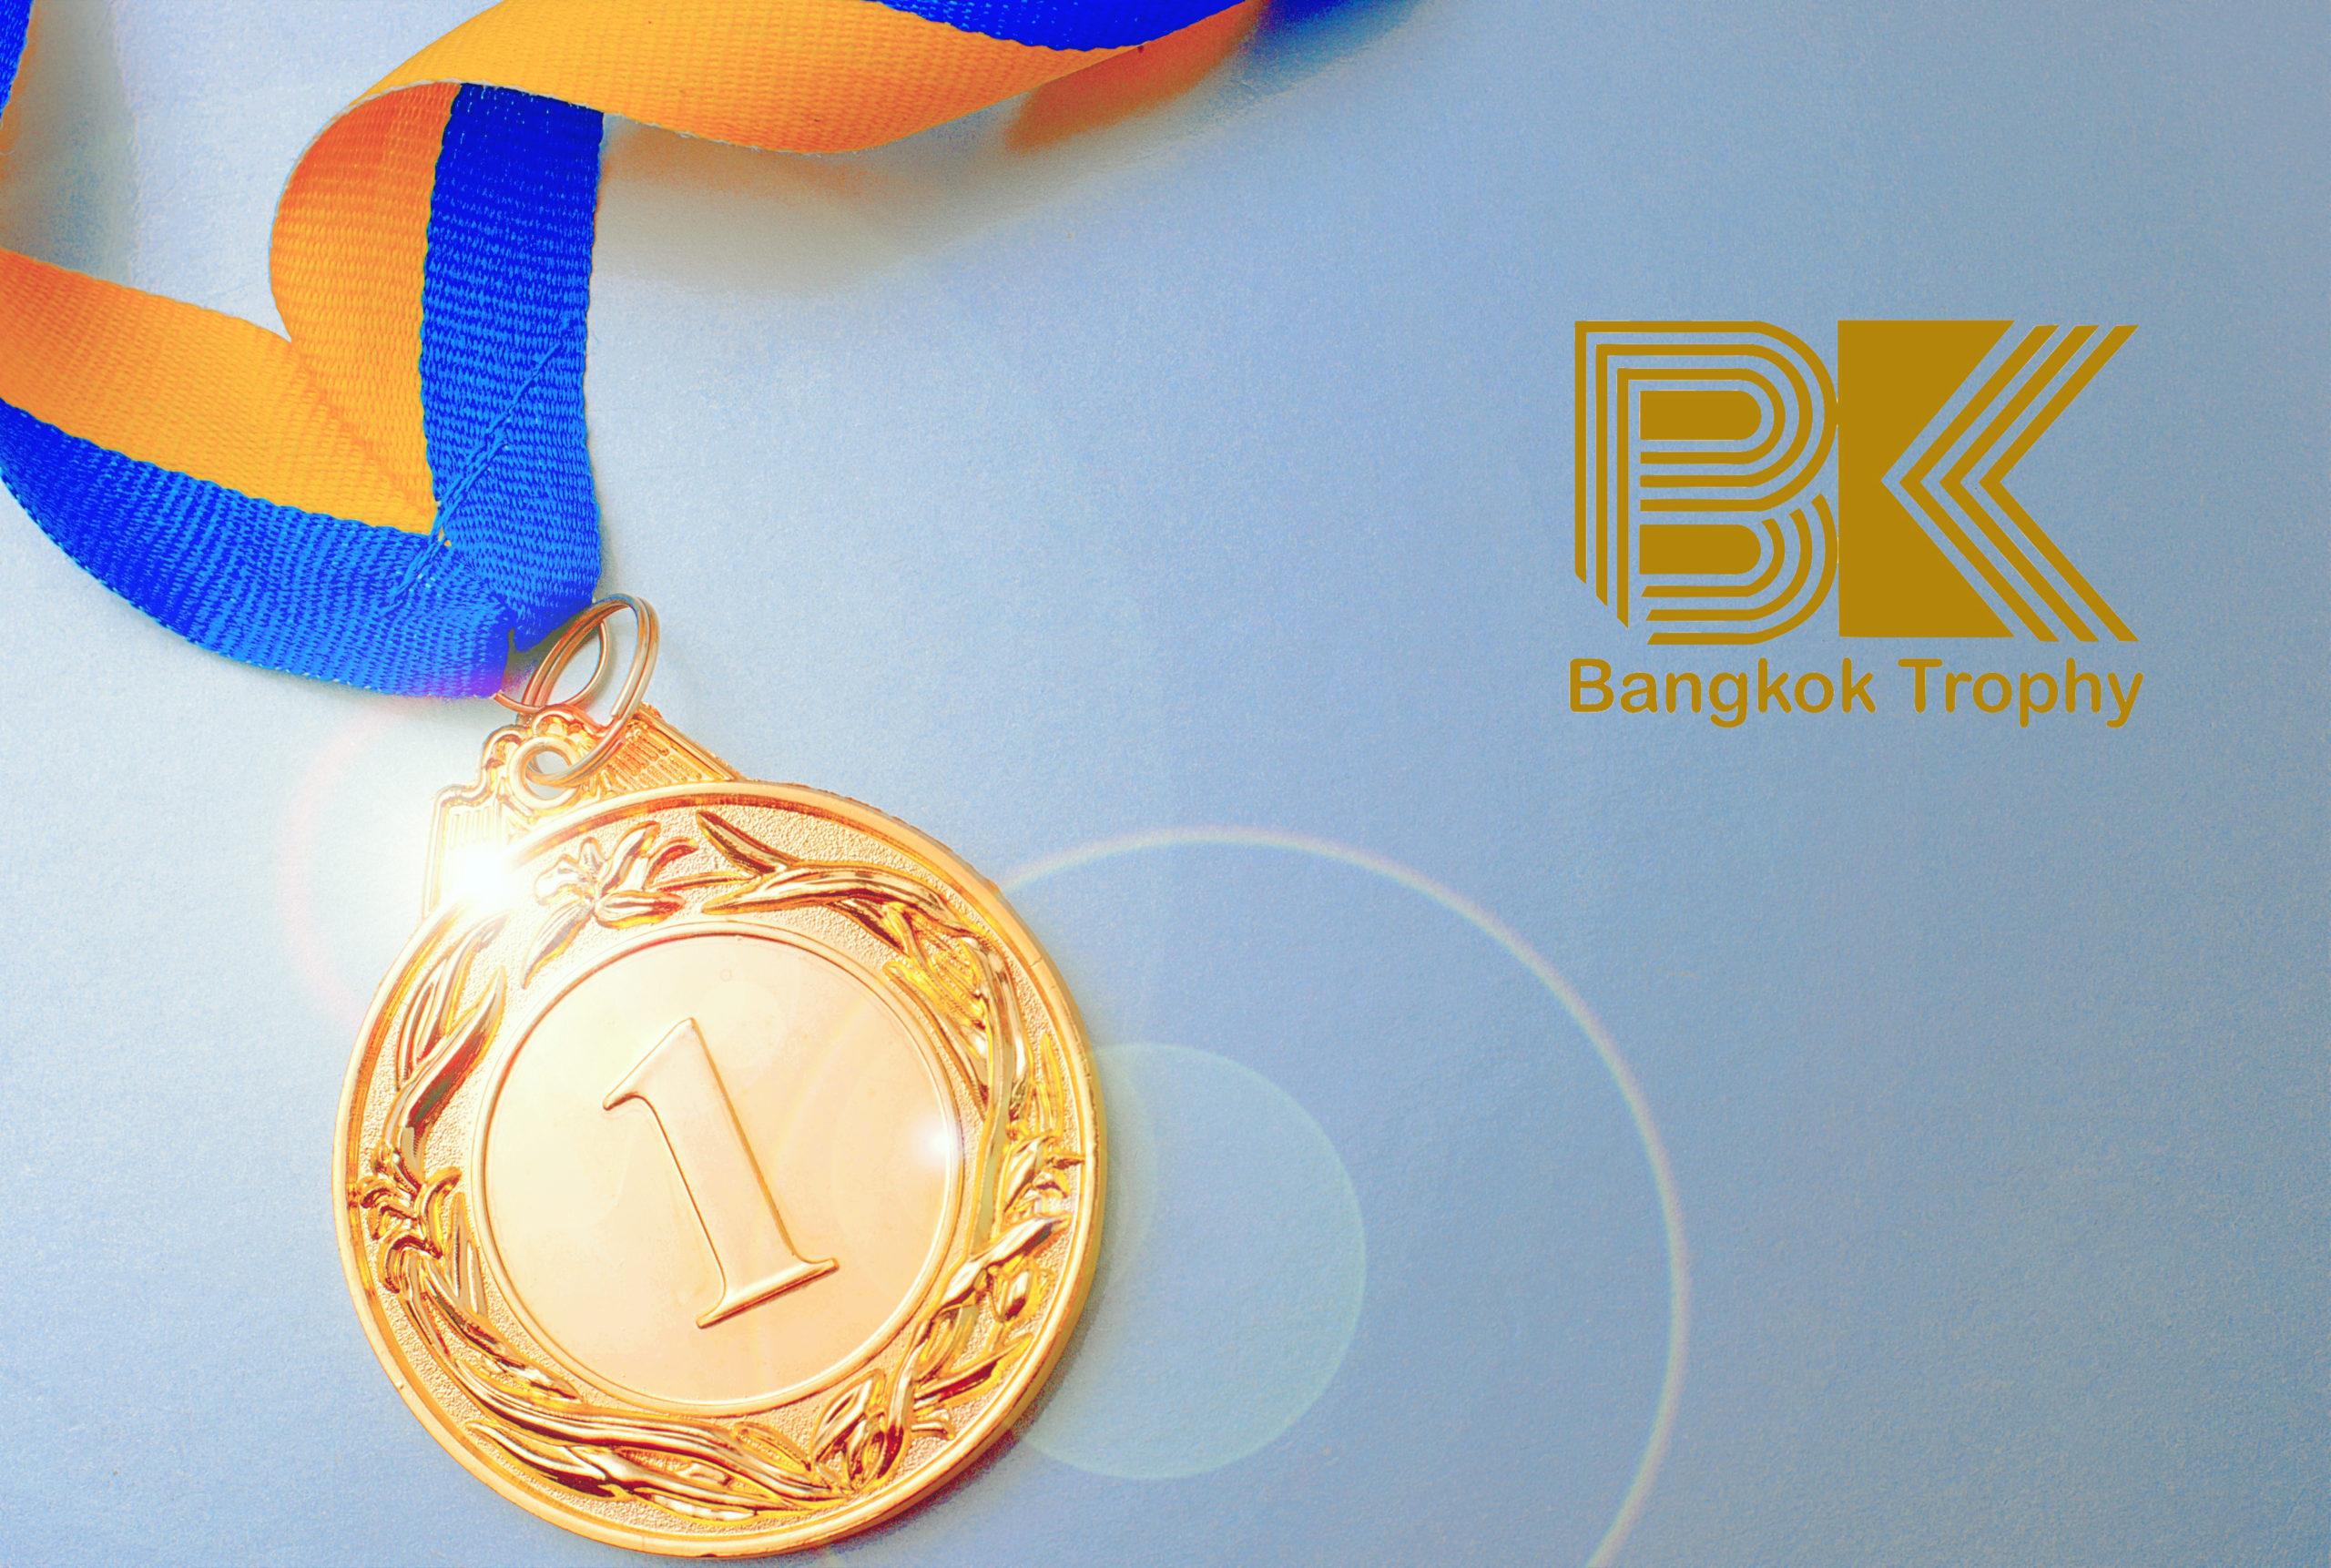 BK Gold Medal